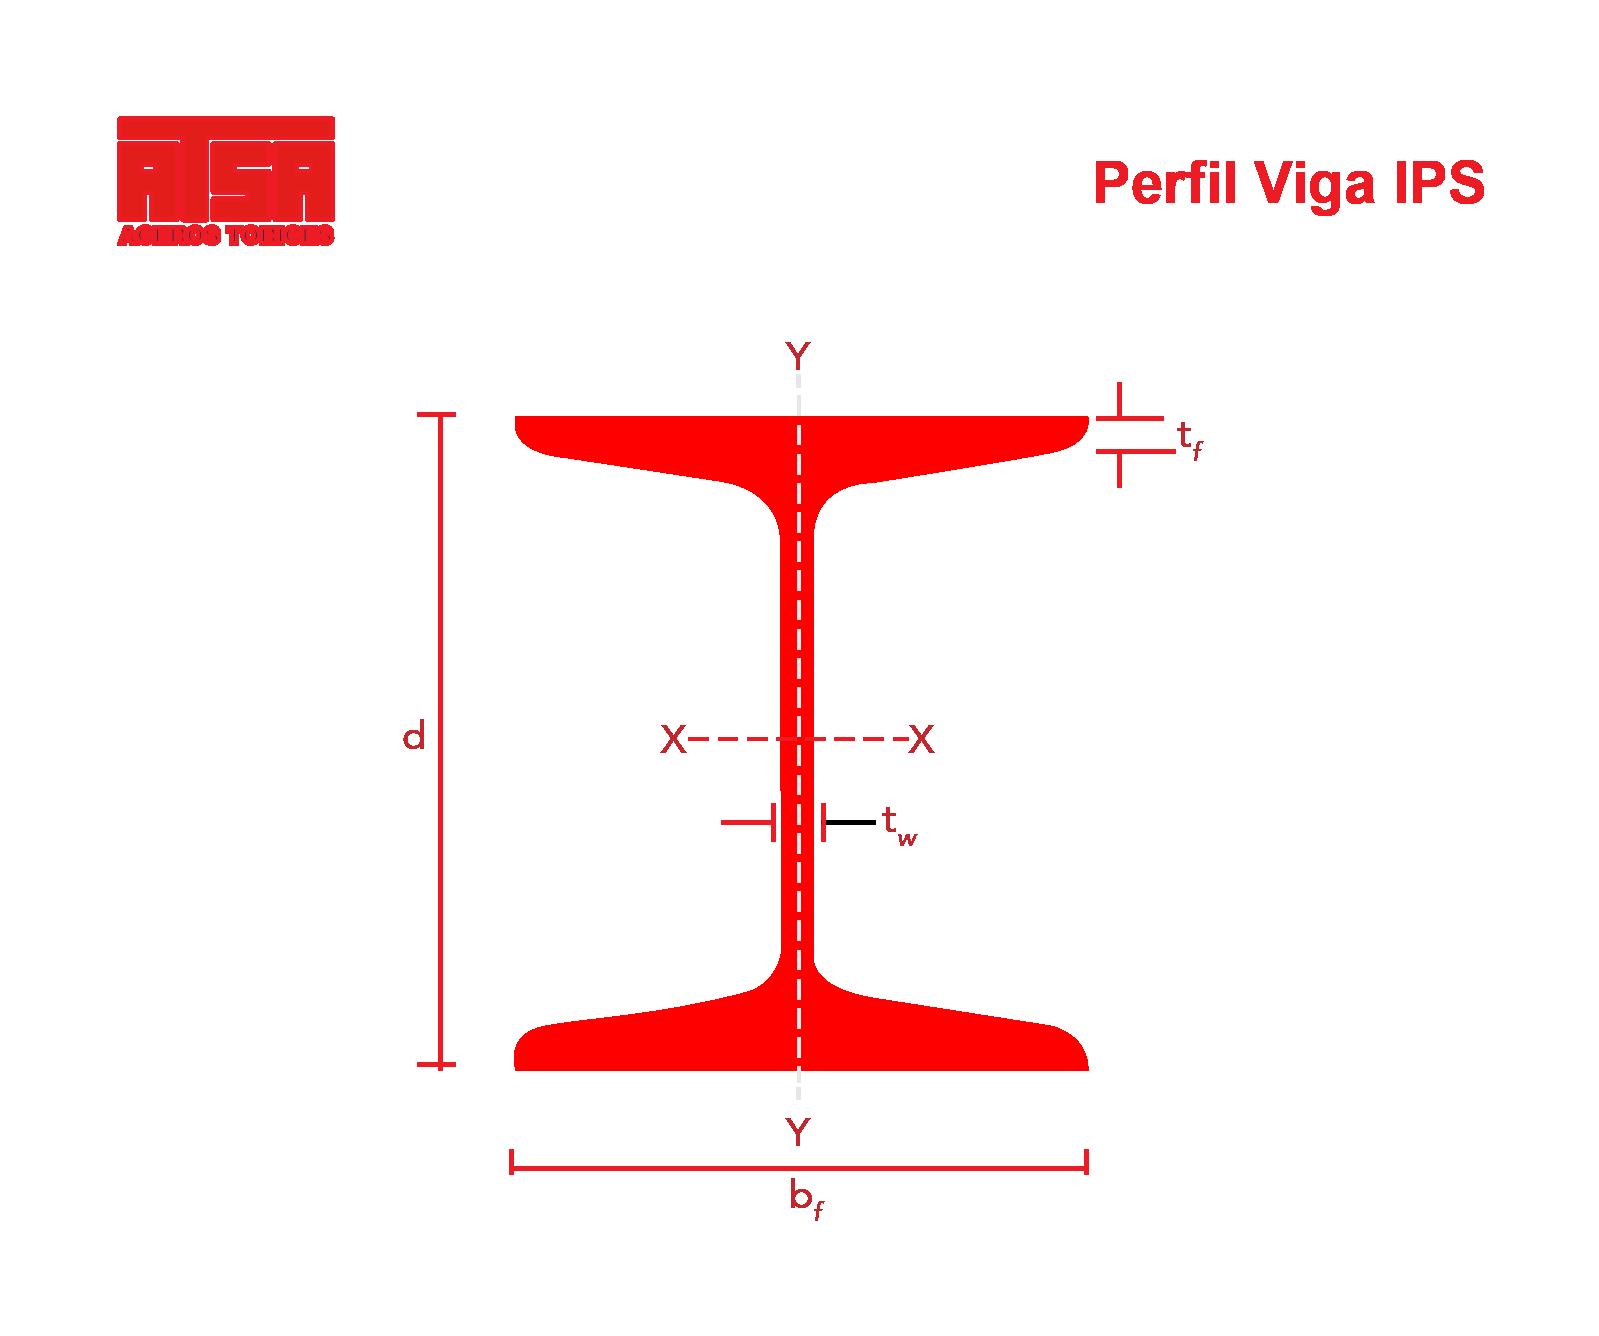 medidas-perfil-estructural-viga-ips